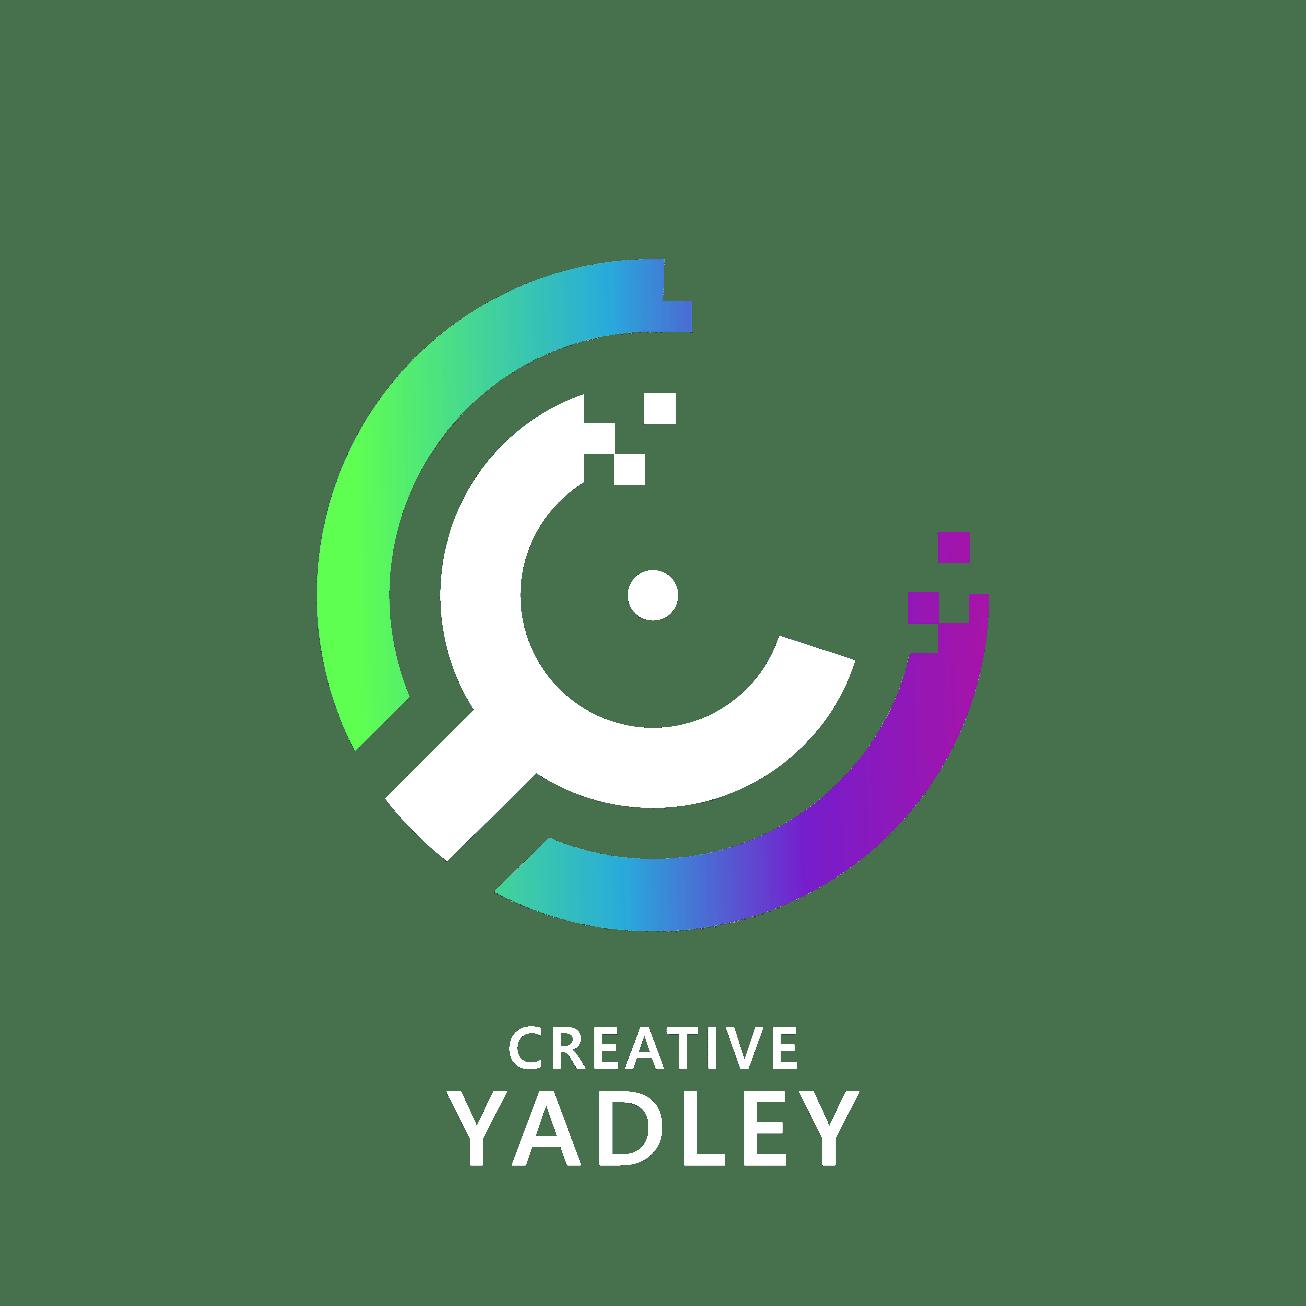 Creative Yadley logo